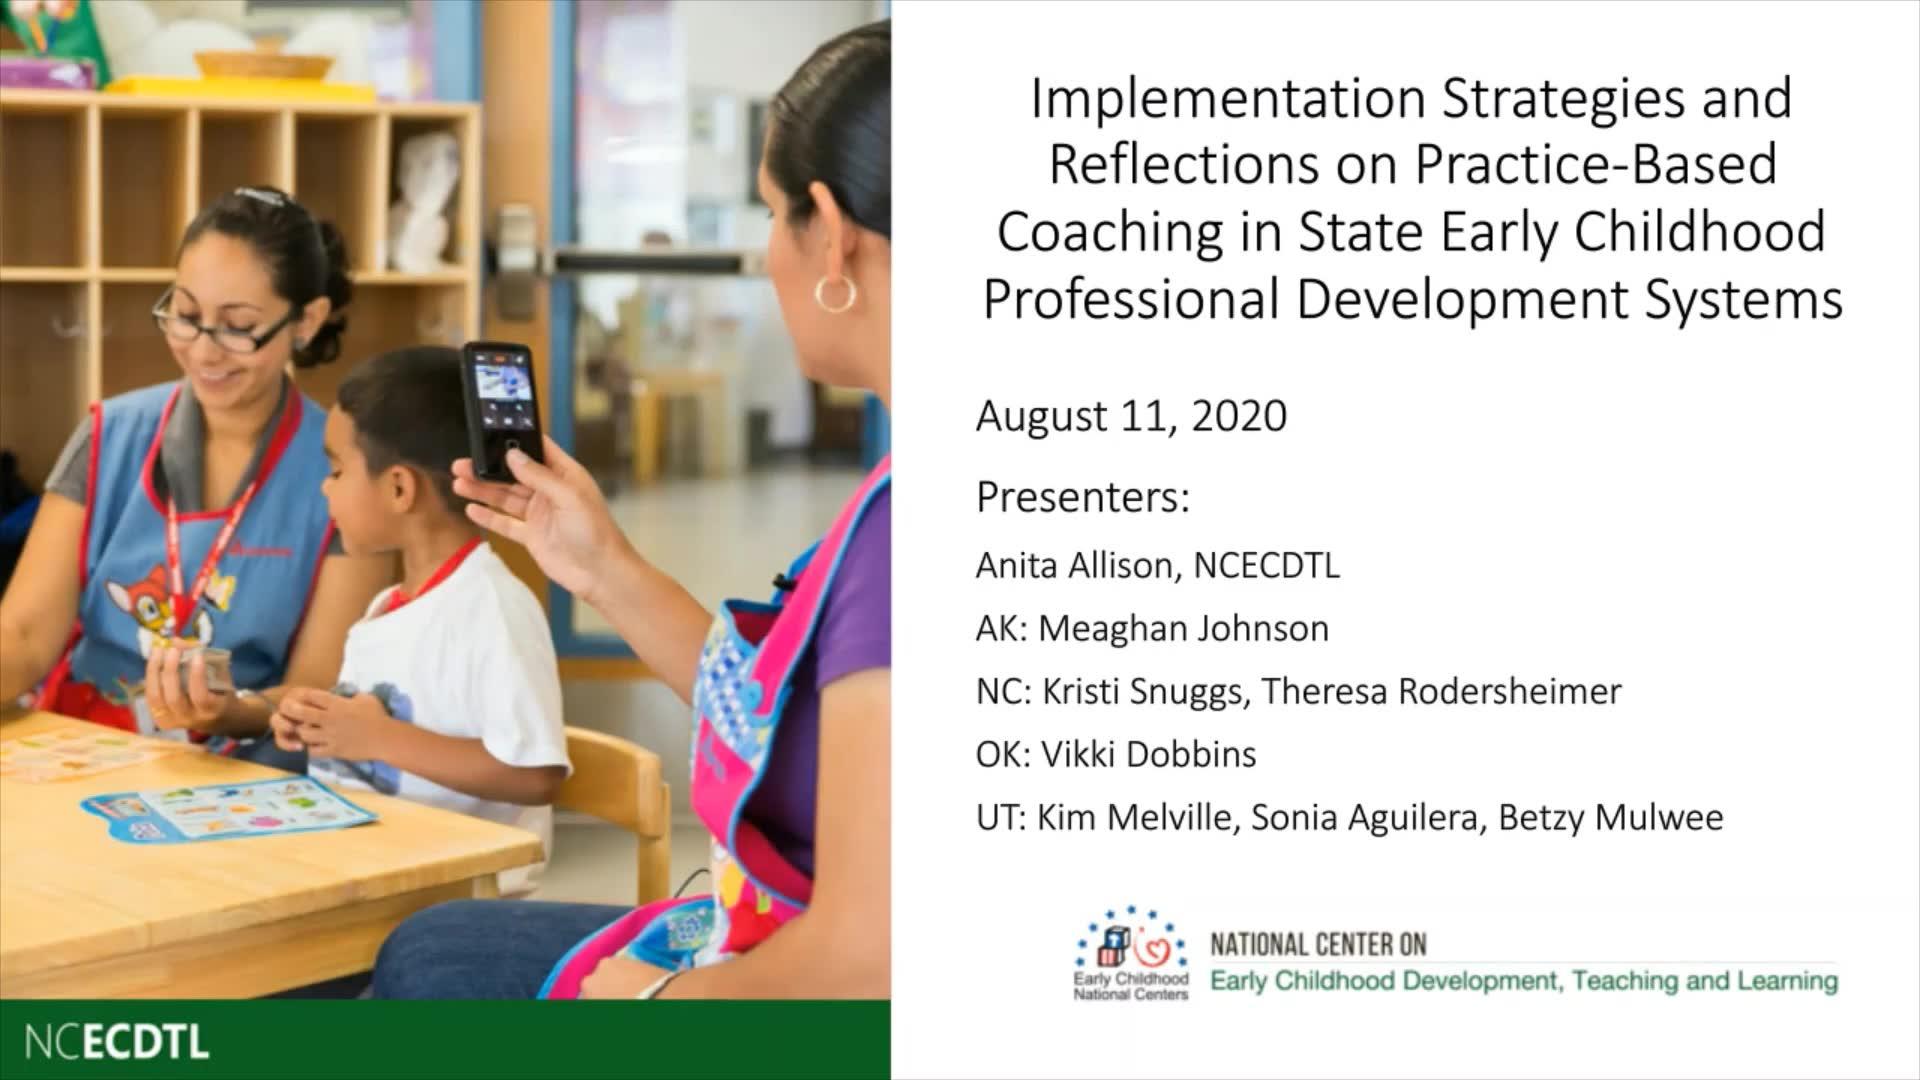 Estrategias de implementación y reflexiones sobre el PBC en los sistemas estatales de desarrollo profesional en la primera infancia